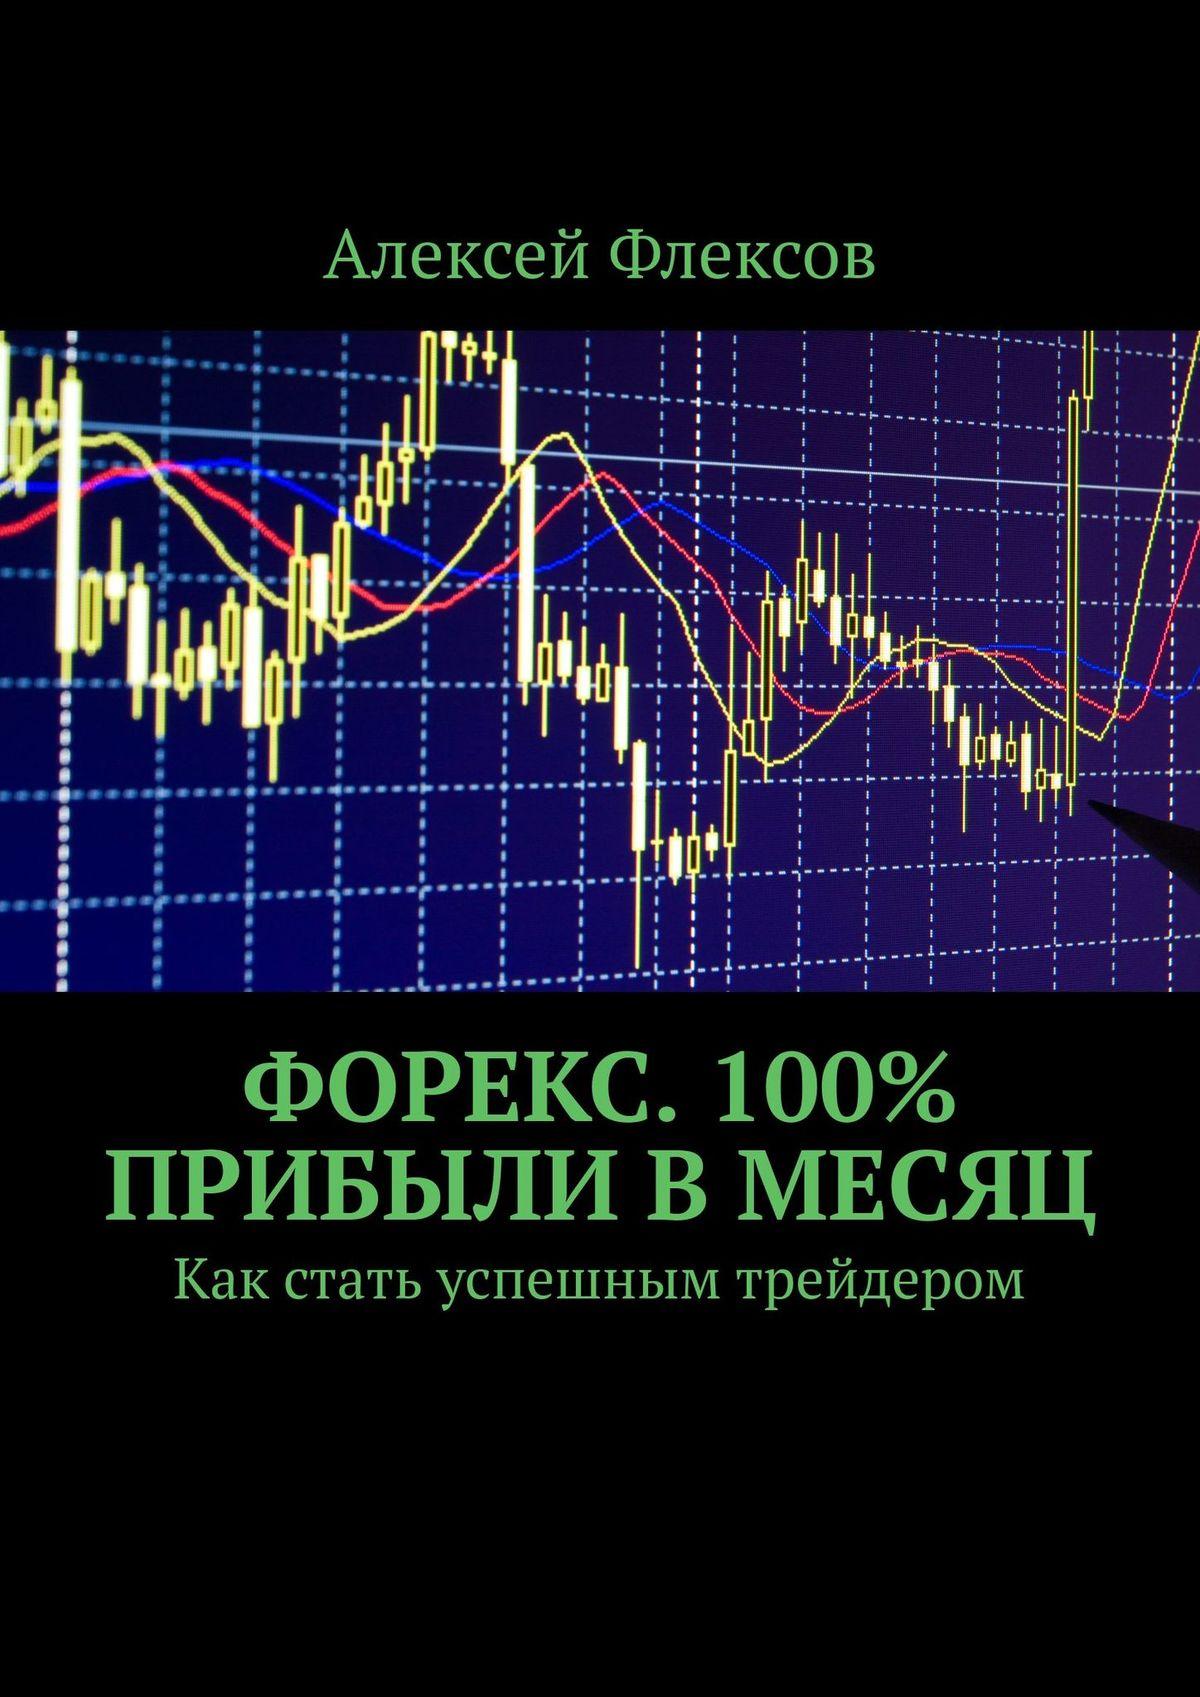 Алексей Флексов Форекс. Как удваивать депозит каждый месяц. Как стать успешным трейдером